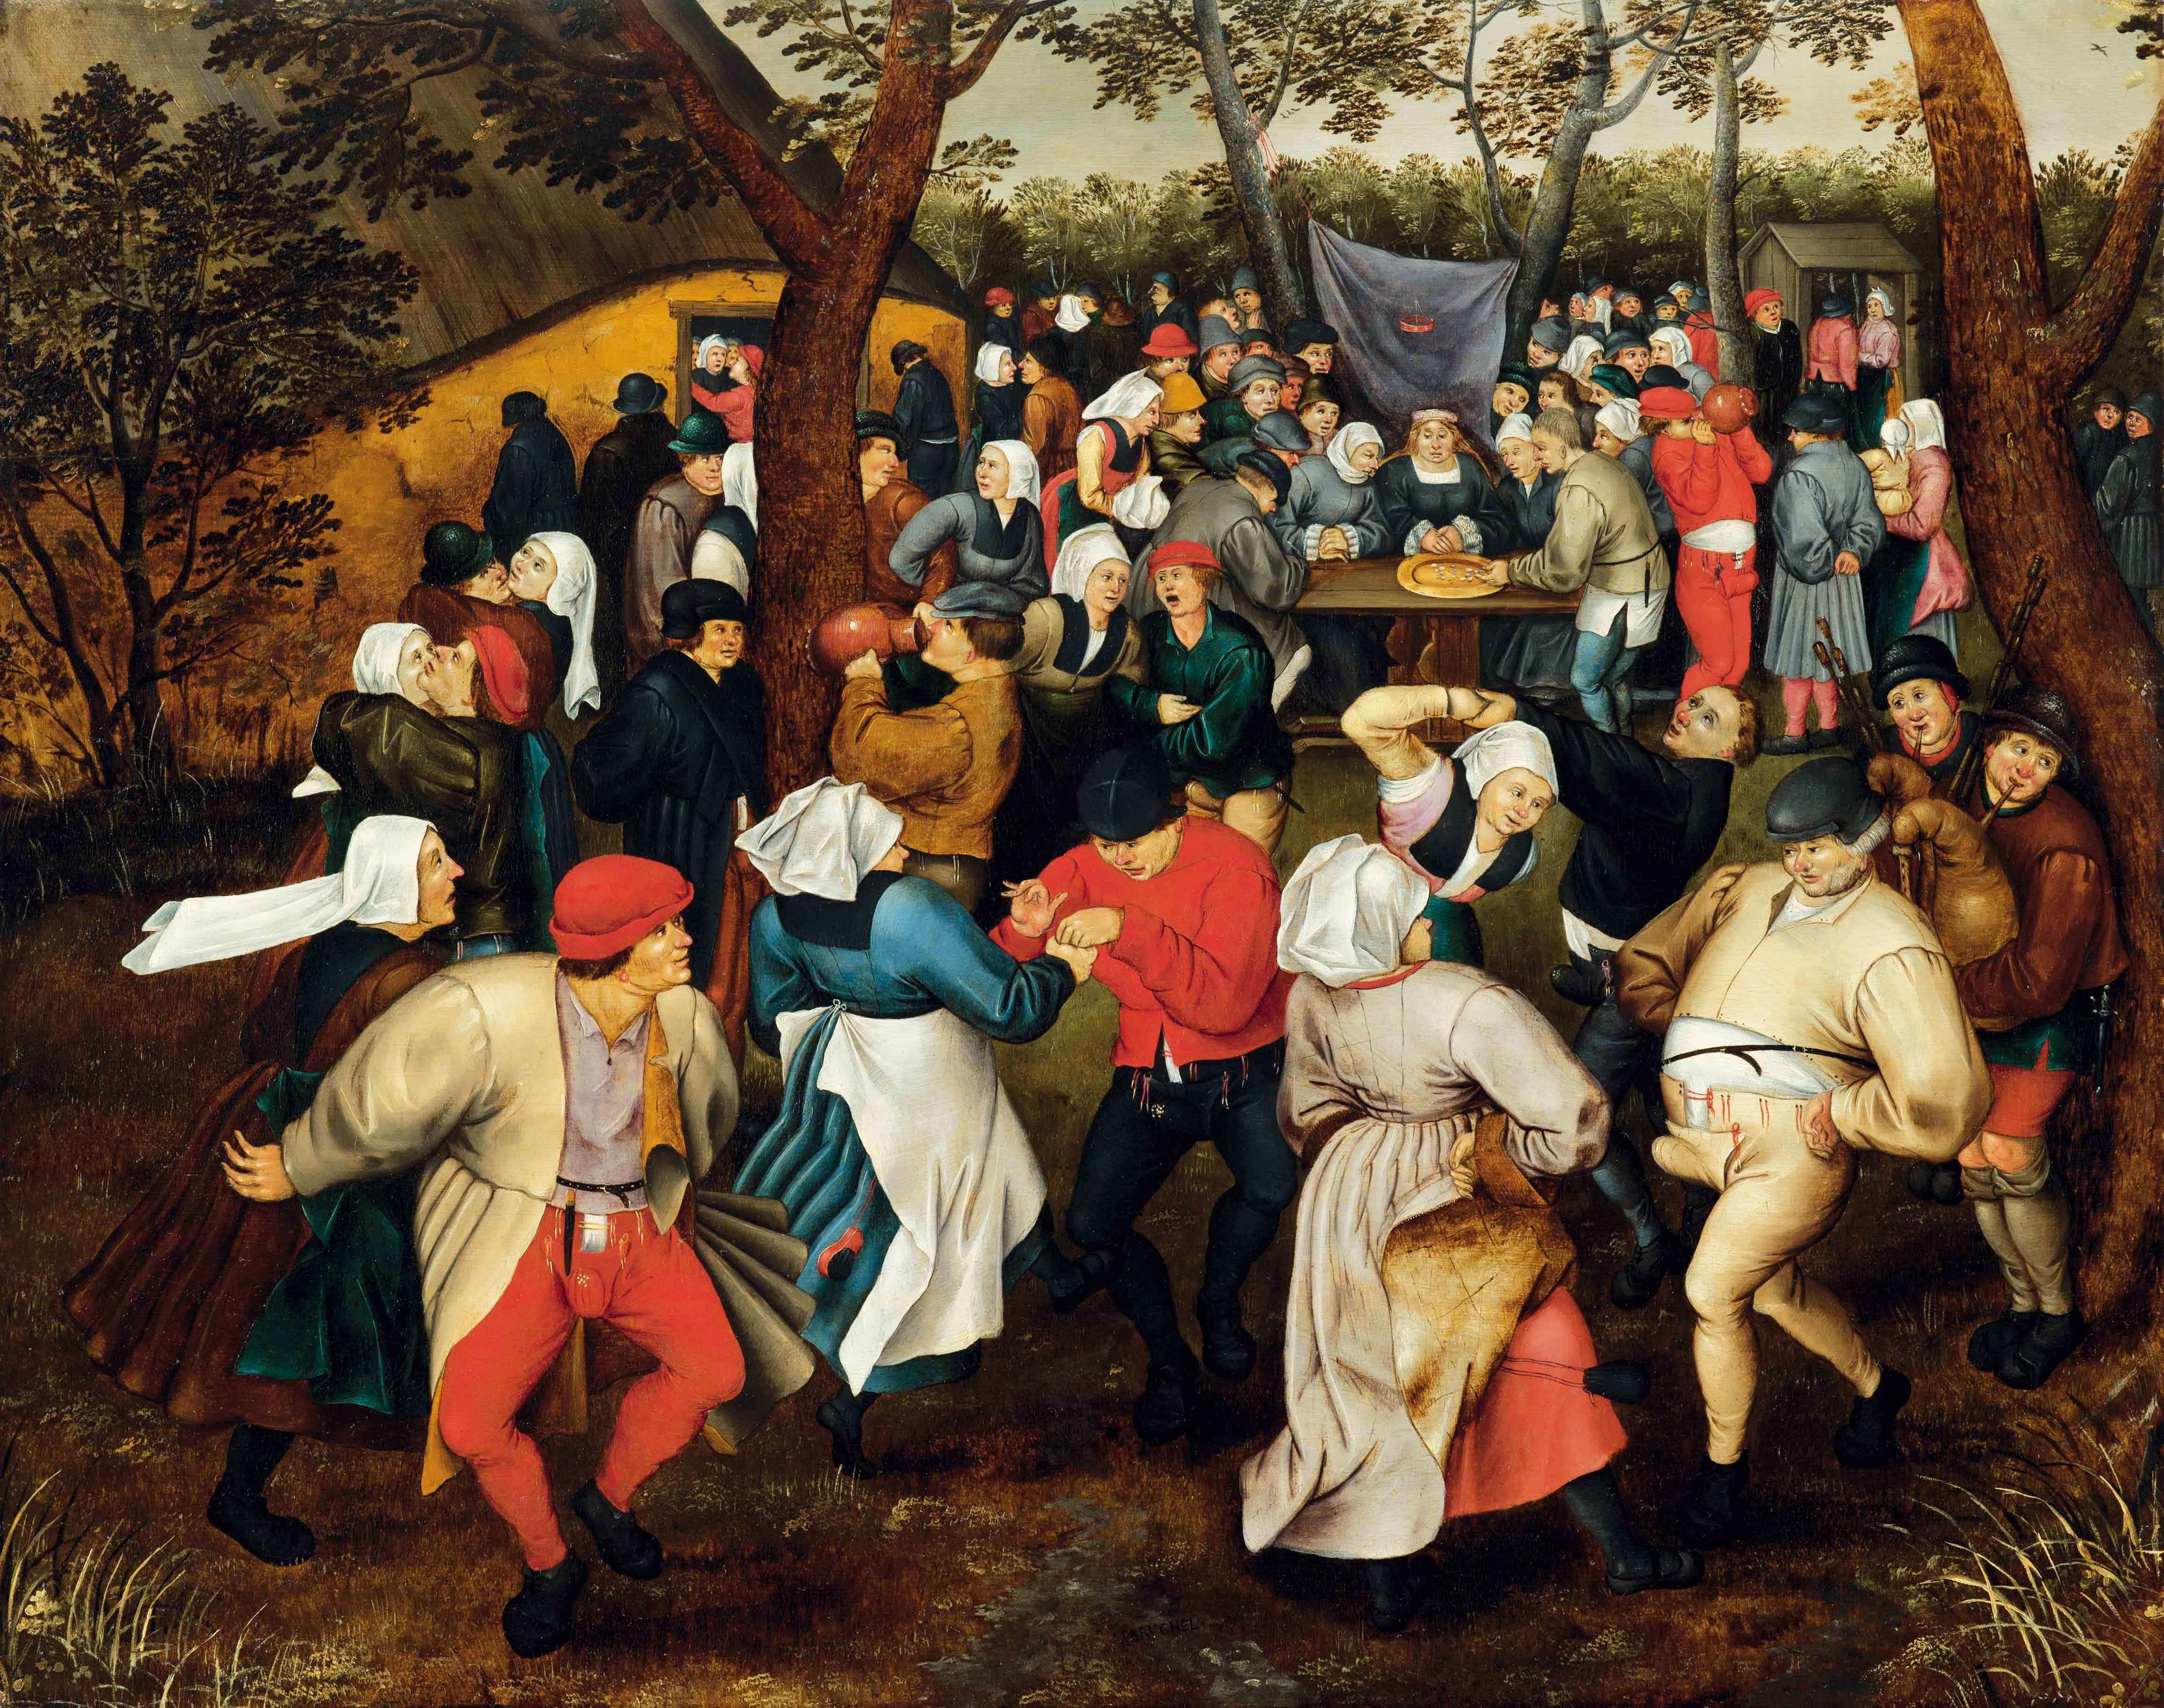 ピーテル・ブリューゲル2世《野外での婚礼の踊り》1610年頃 Private Collection